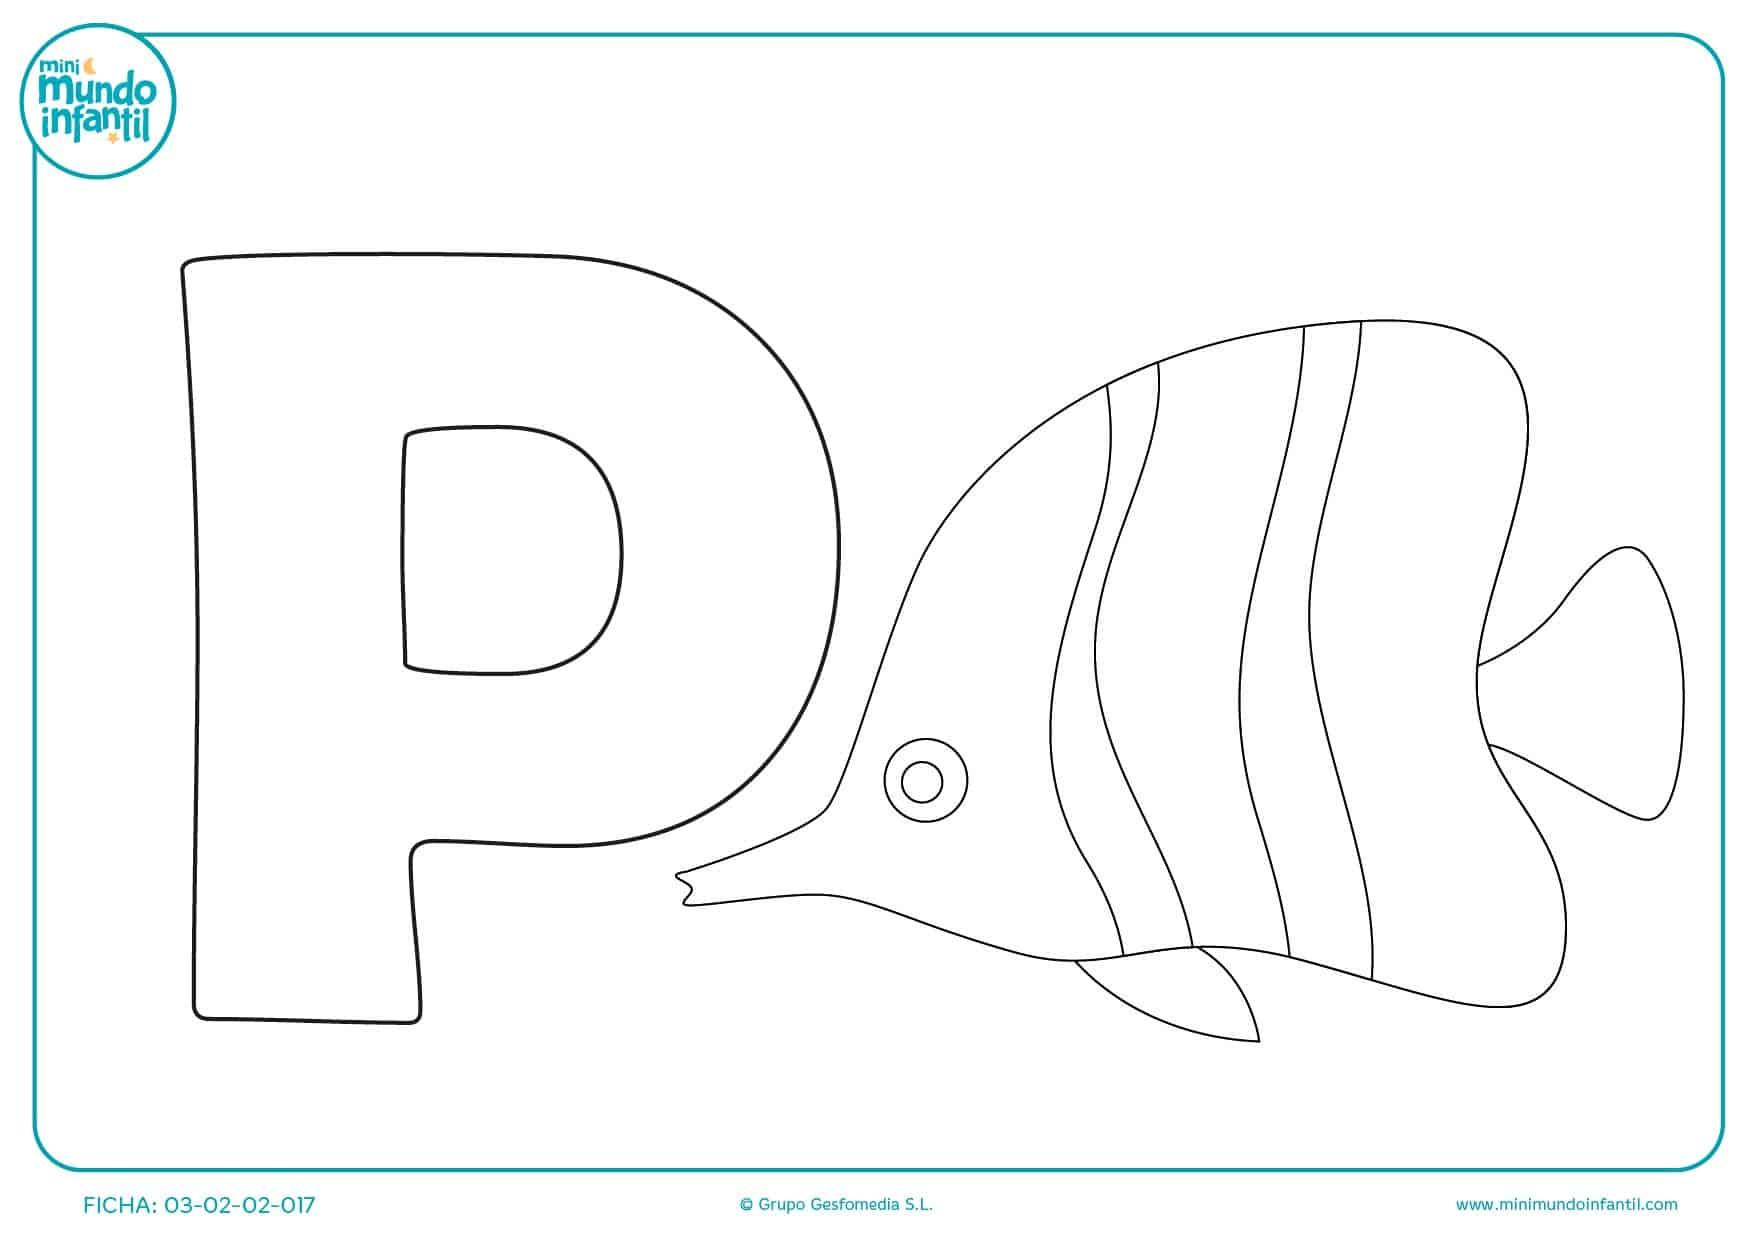 Colorear la letra P de pez a rayas pinta los detalles aprendiendo